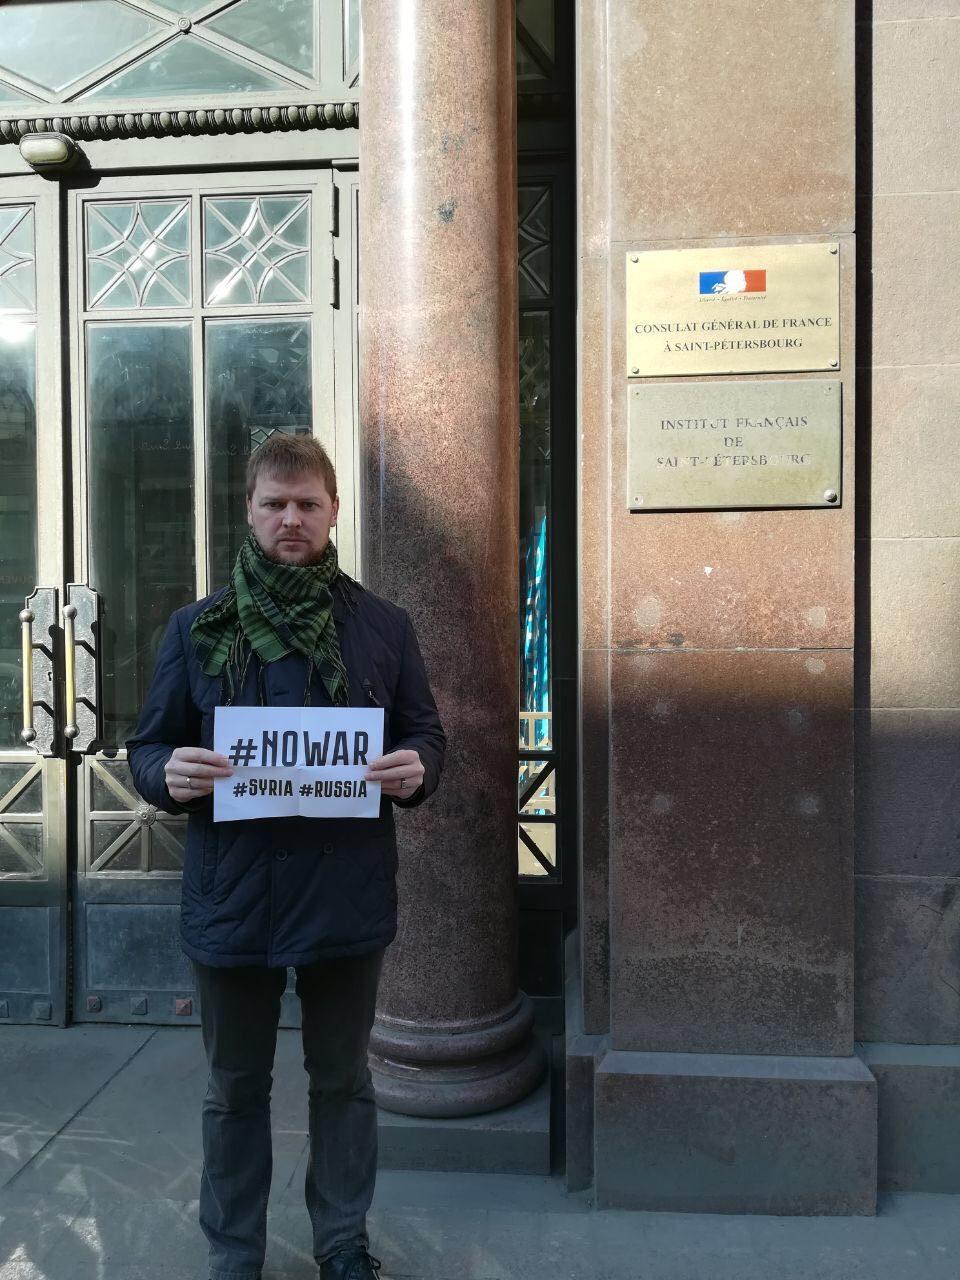 В Петербурге почти не осталось мест для поддержки Сирии (Иллюстрация 1 из 1) (Фото: Читатель